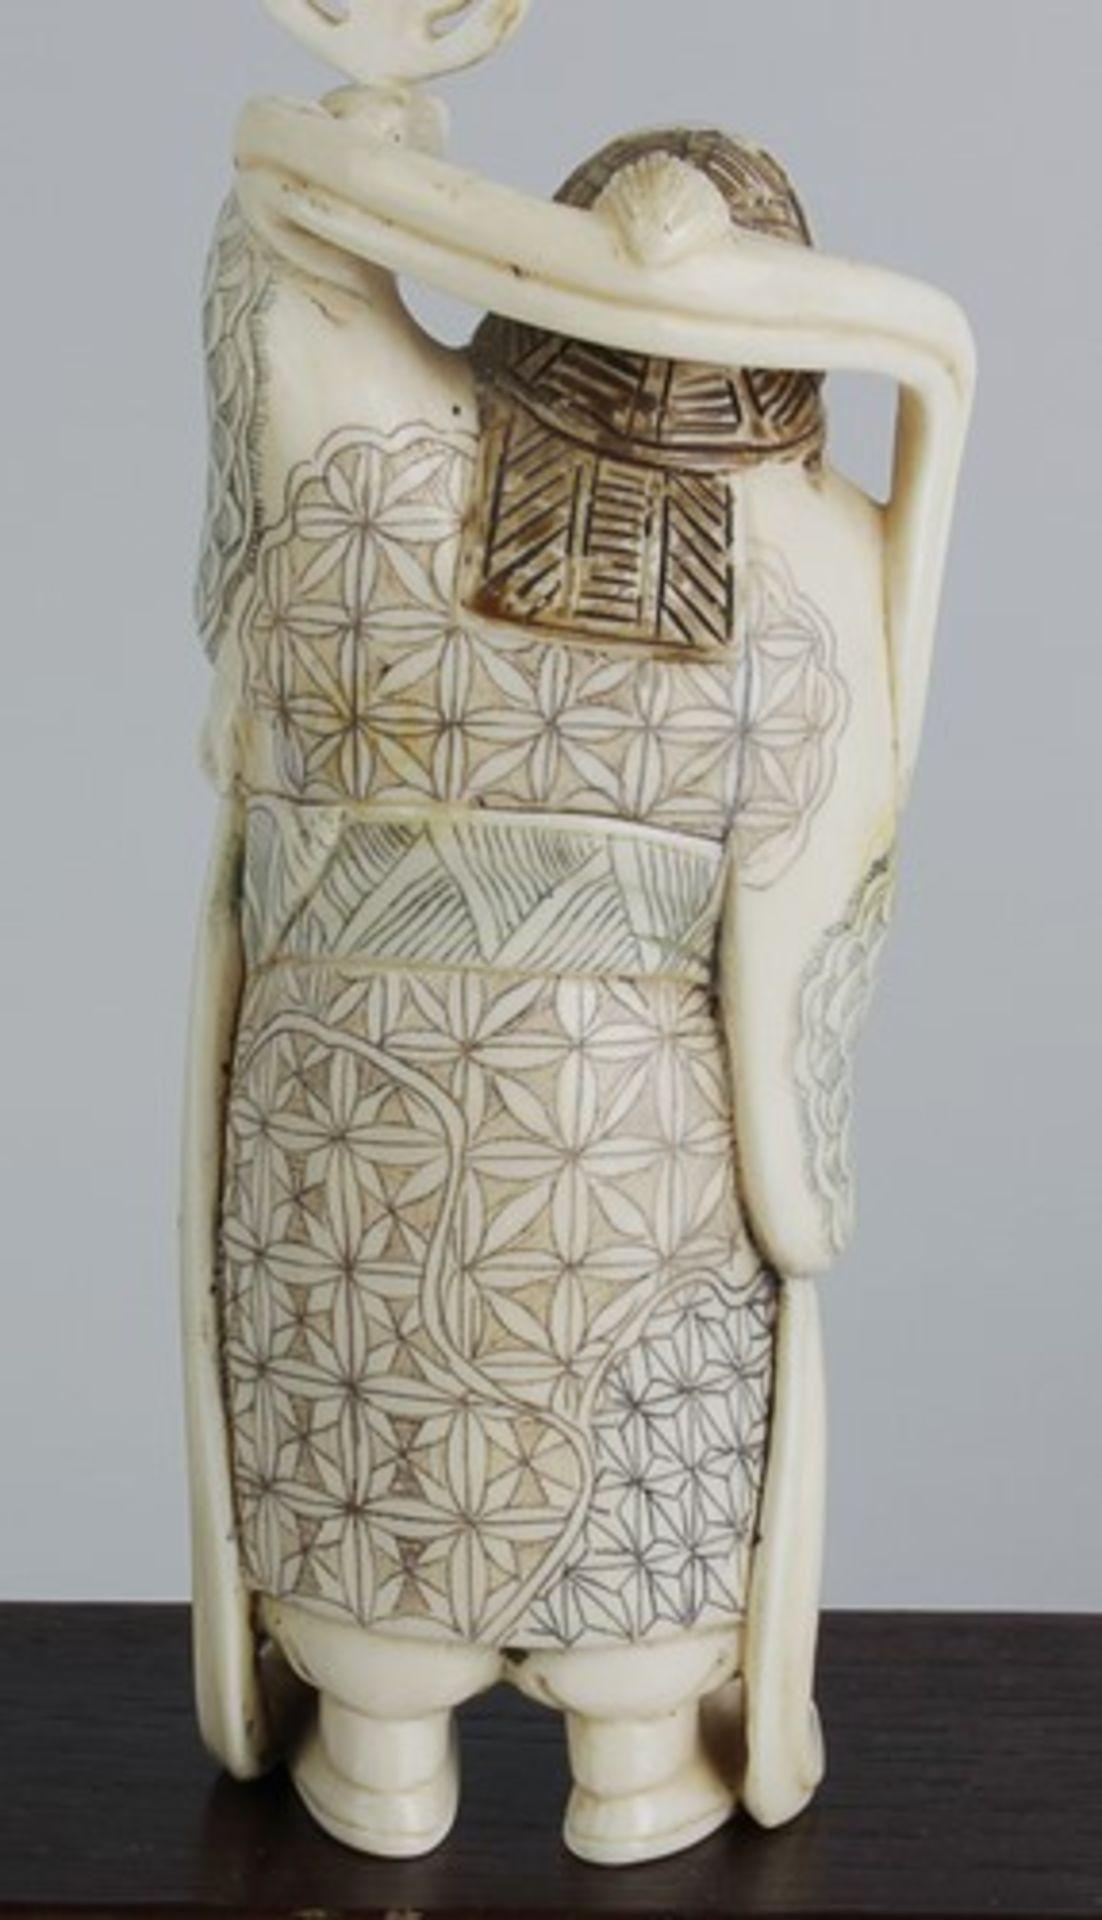 Figurengruppe - Chinaum 1920, 7x vollplastische Elfenbein-Schnitzereien, partiell geschwärzt, - Bild 6 aus 24